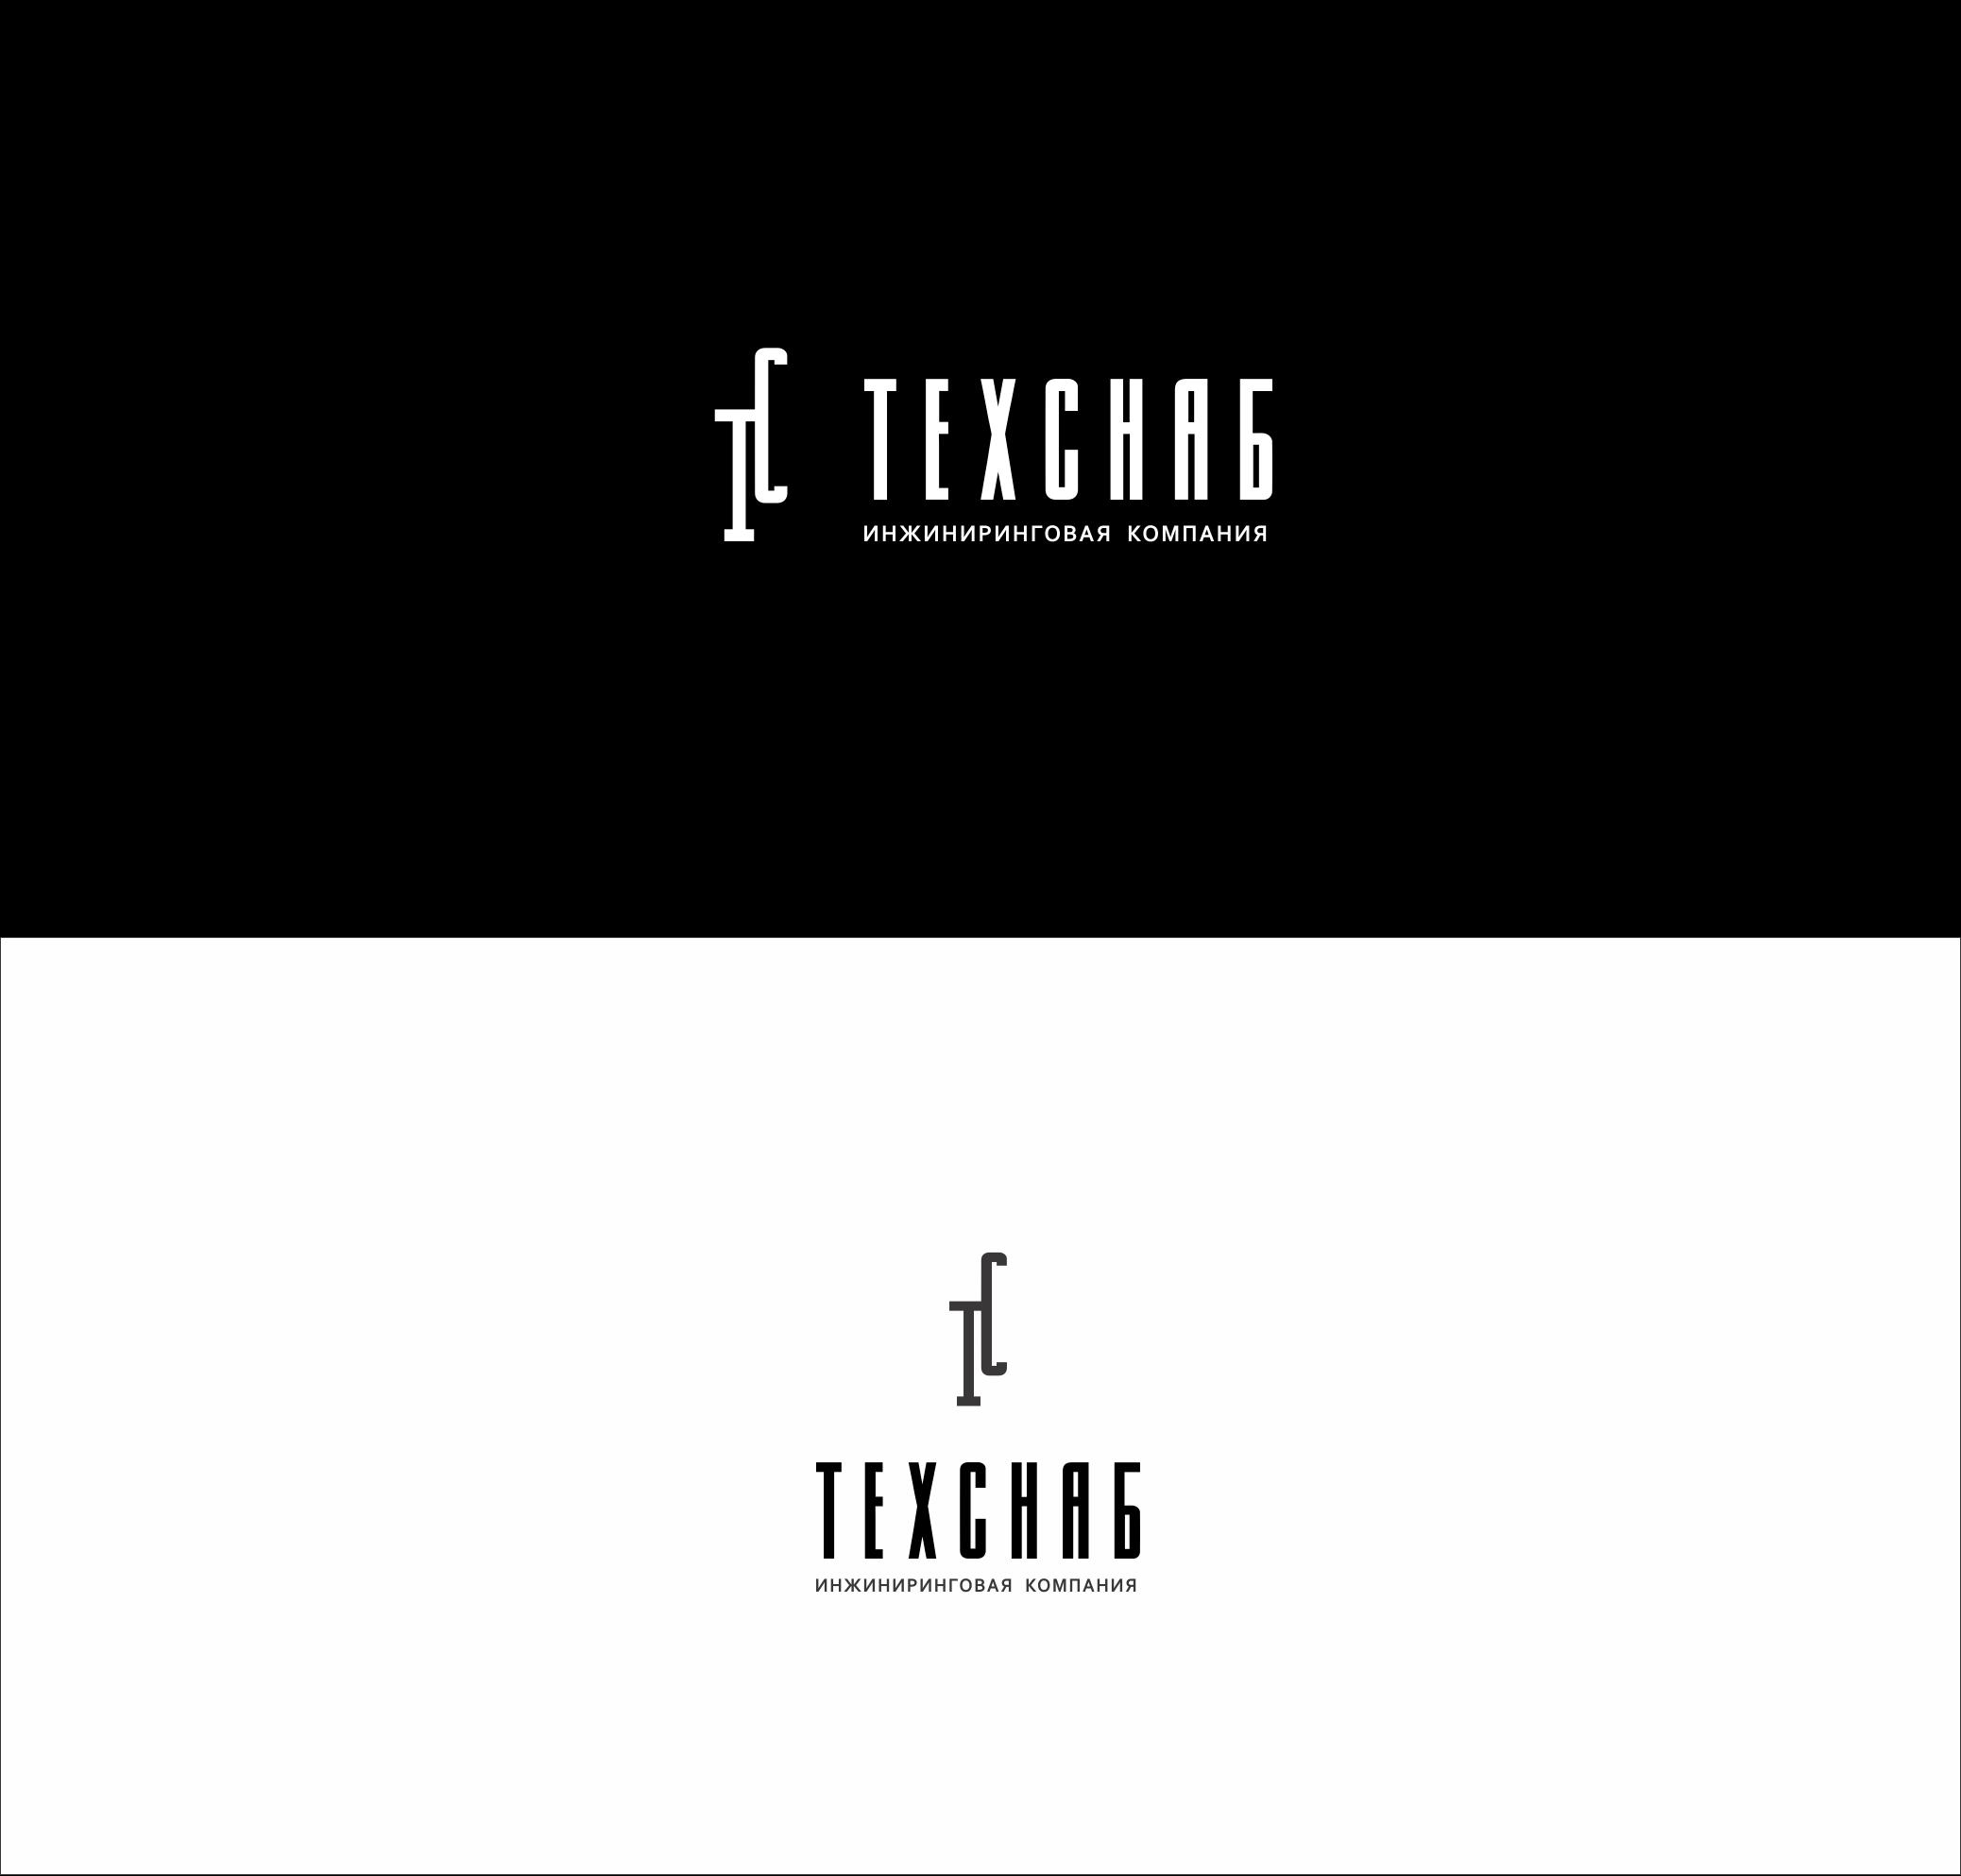 Разработка логотипа и фирм. стиля компании  ТЕХСНАБ фото f_1345b20bf7a47da3.png